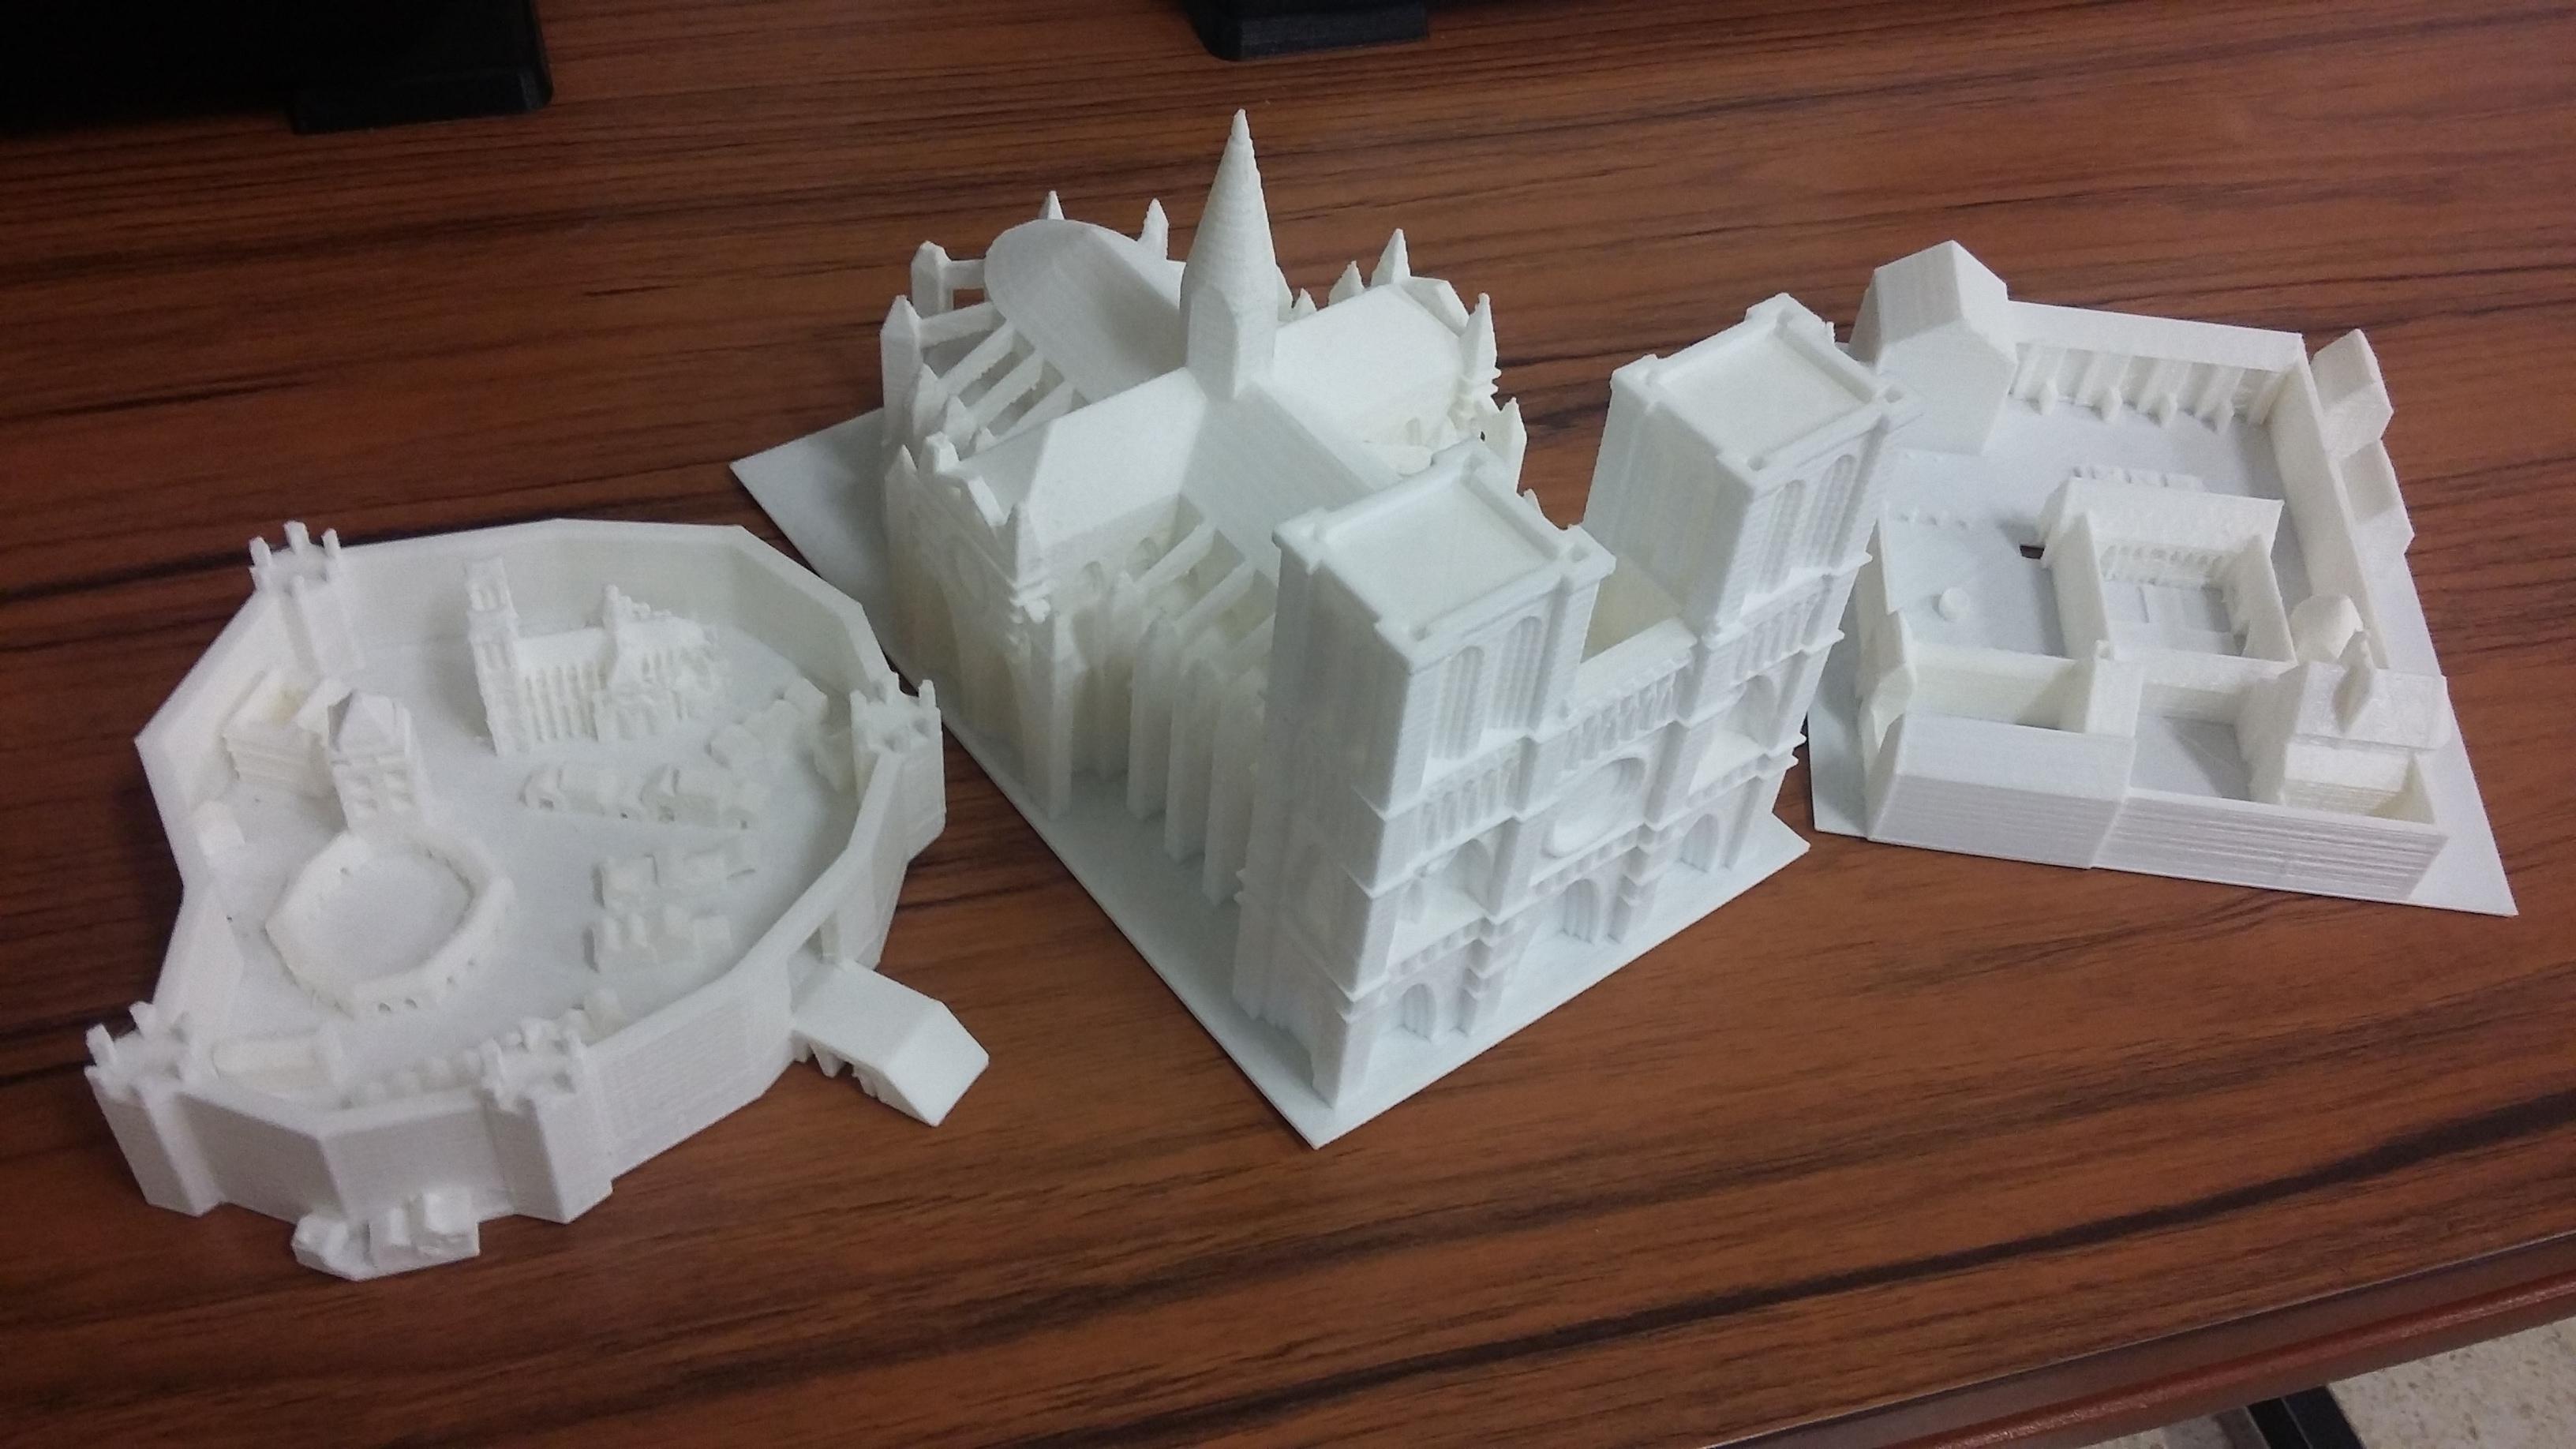 Diseño de los proyectos impresos en 3D.